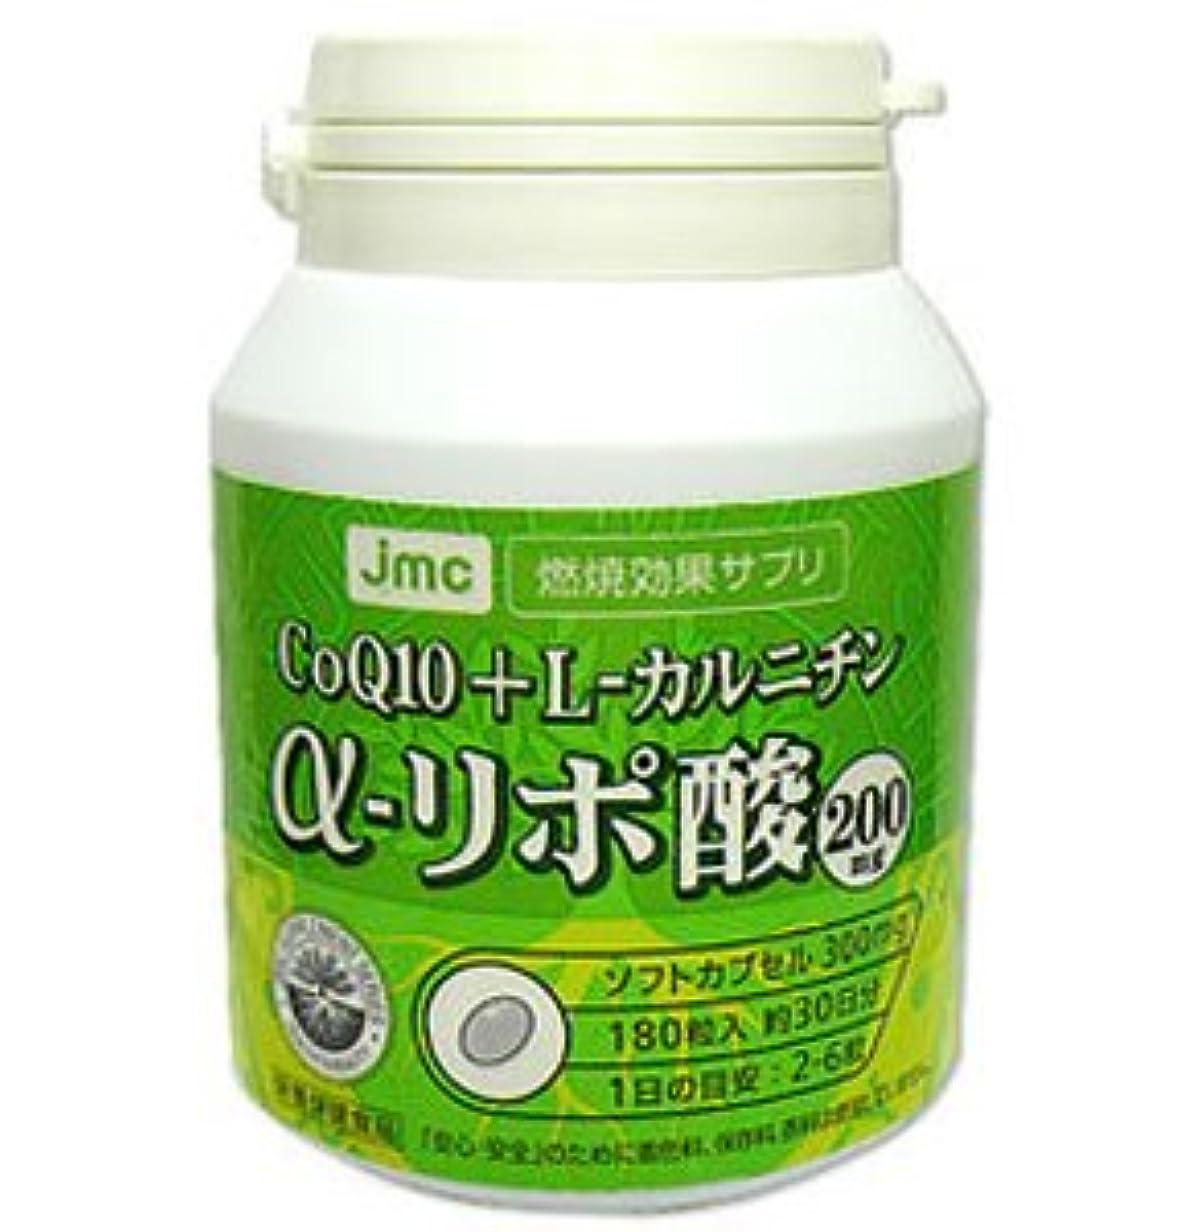 告発暴露する癒すα-リポ酸200mg(αリポ酸、COQ10、L-カルニチン、共役リノール酸配合ダイエットサプリ)